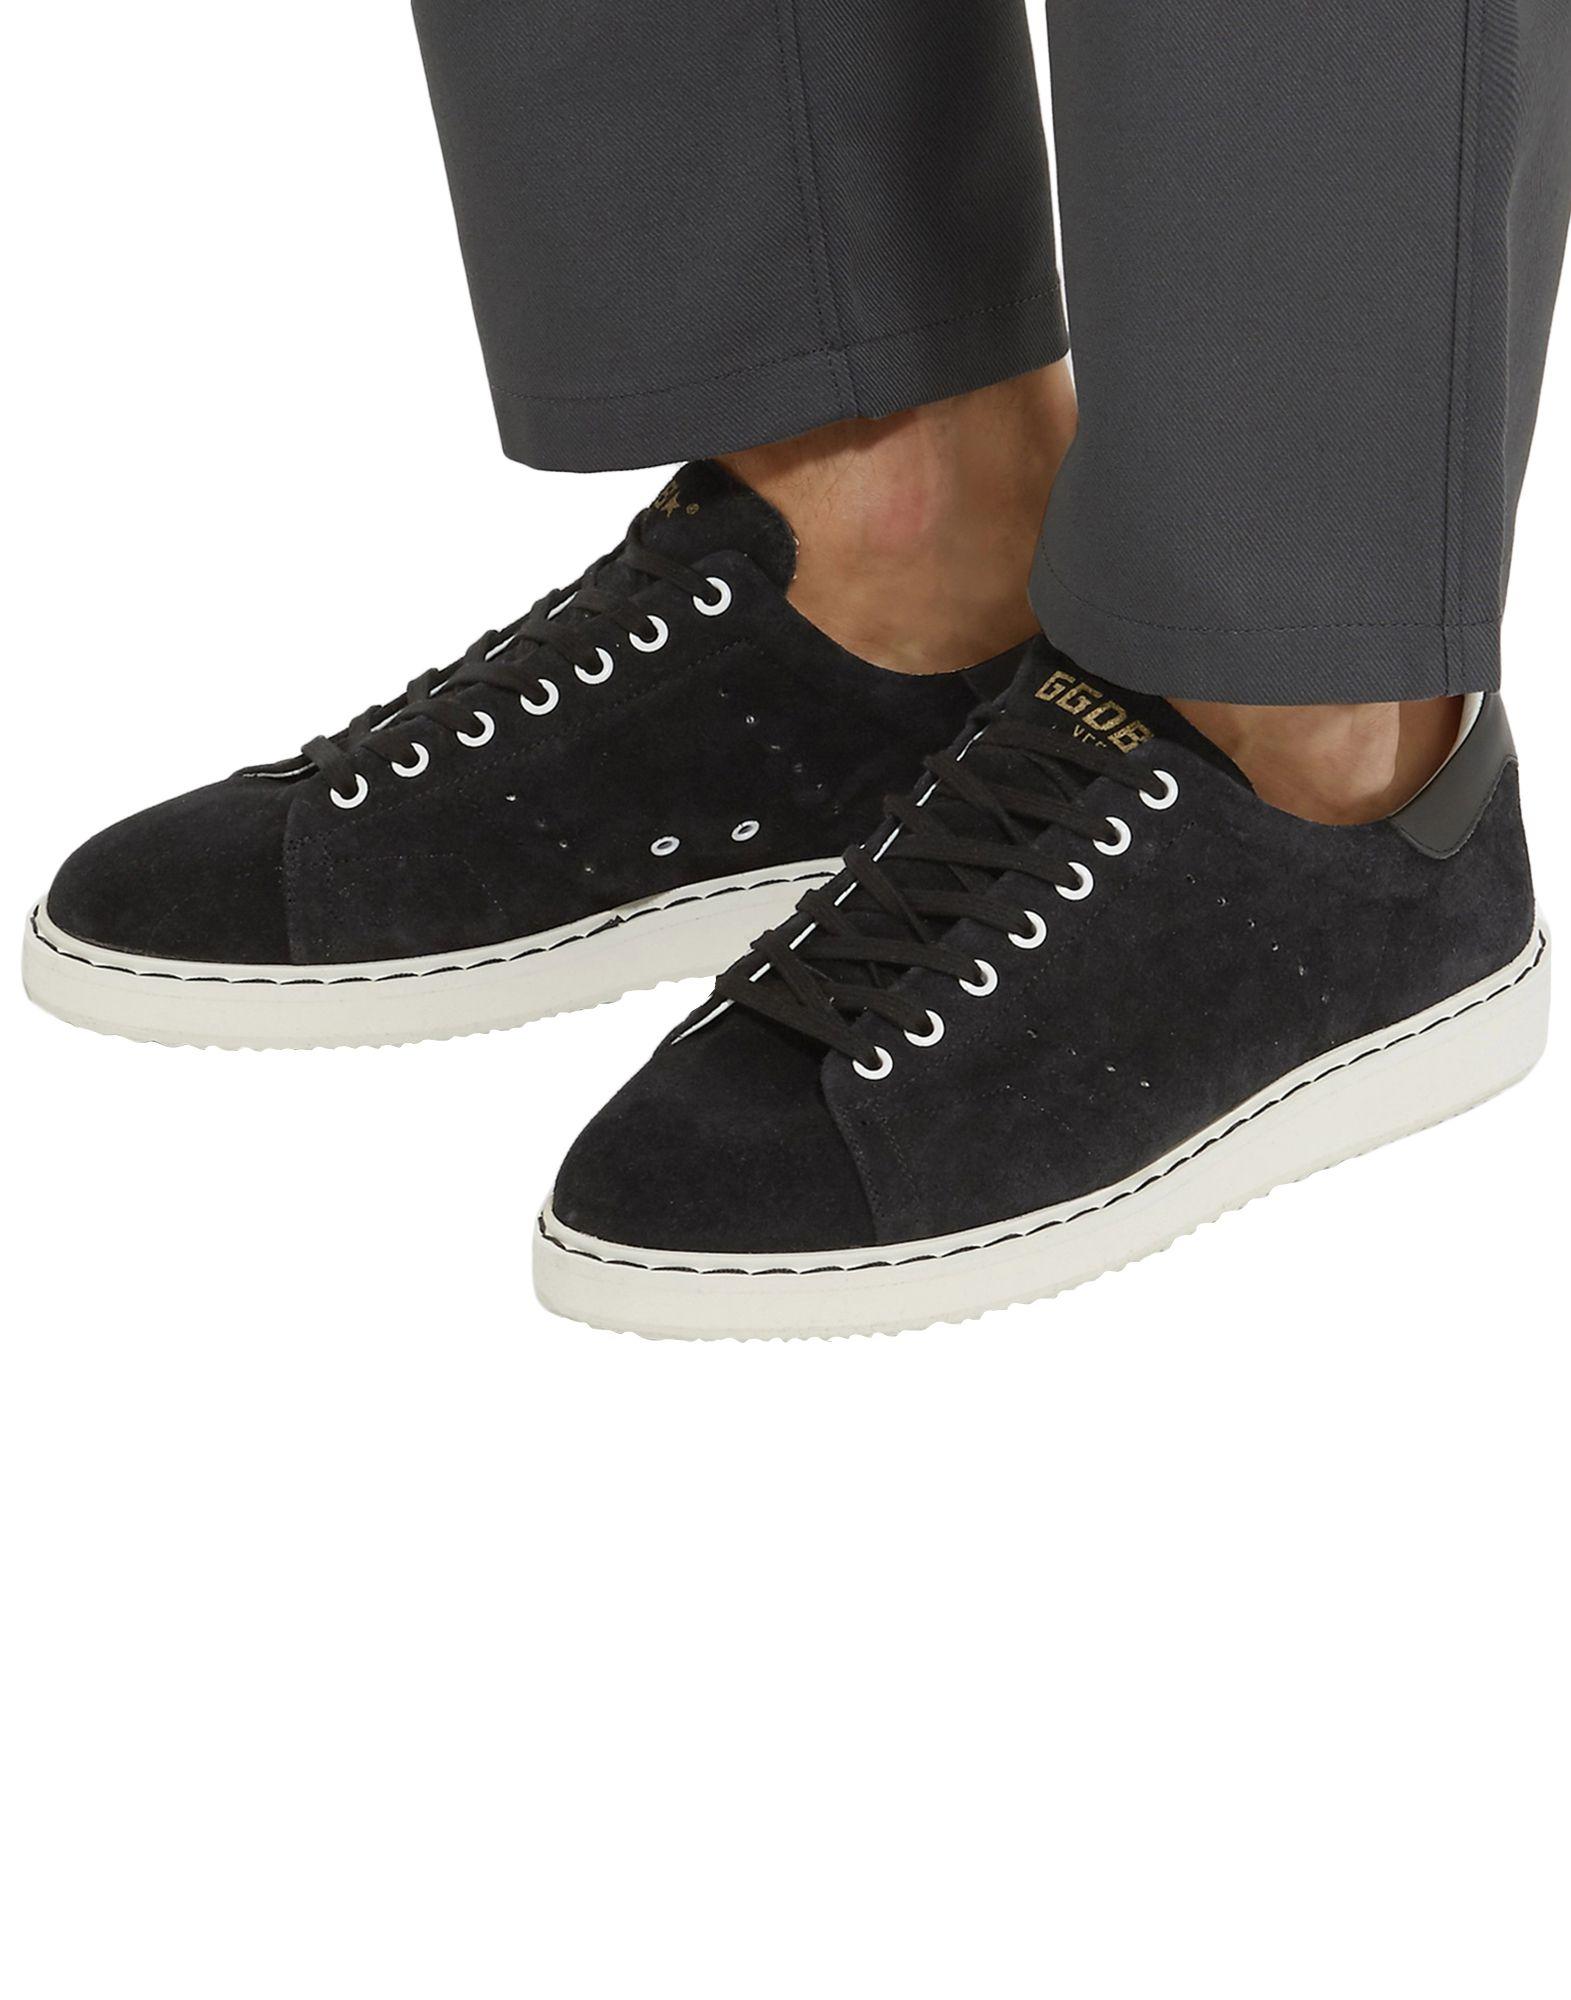 Golden Goose Deluxe Brand Sneakers Herren    11539624HJ Gute Qualität beliebte Schuhe 04d8cd